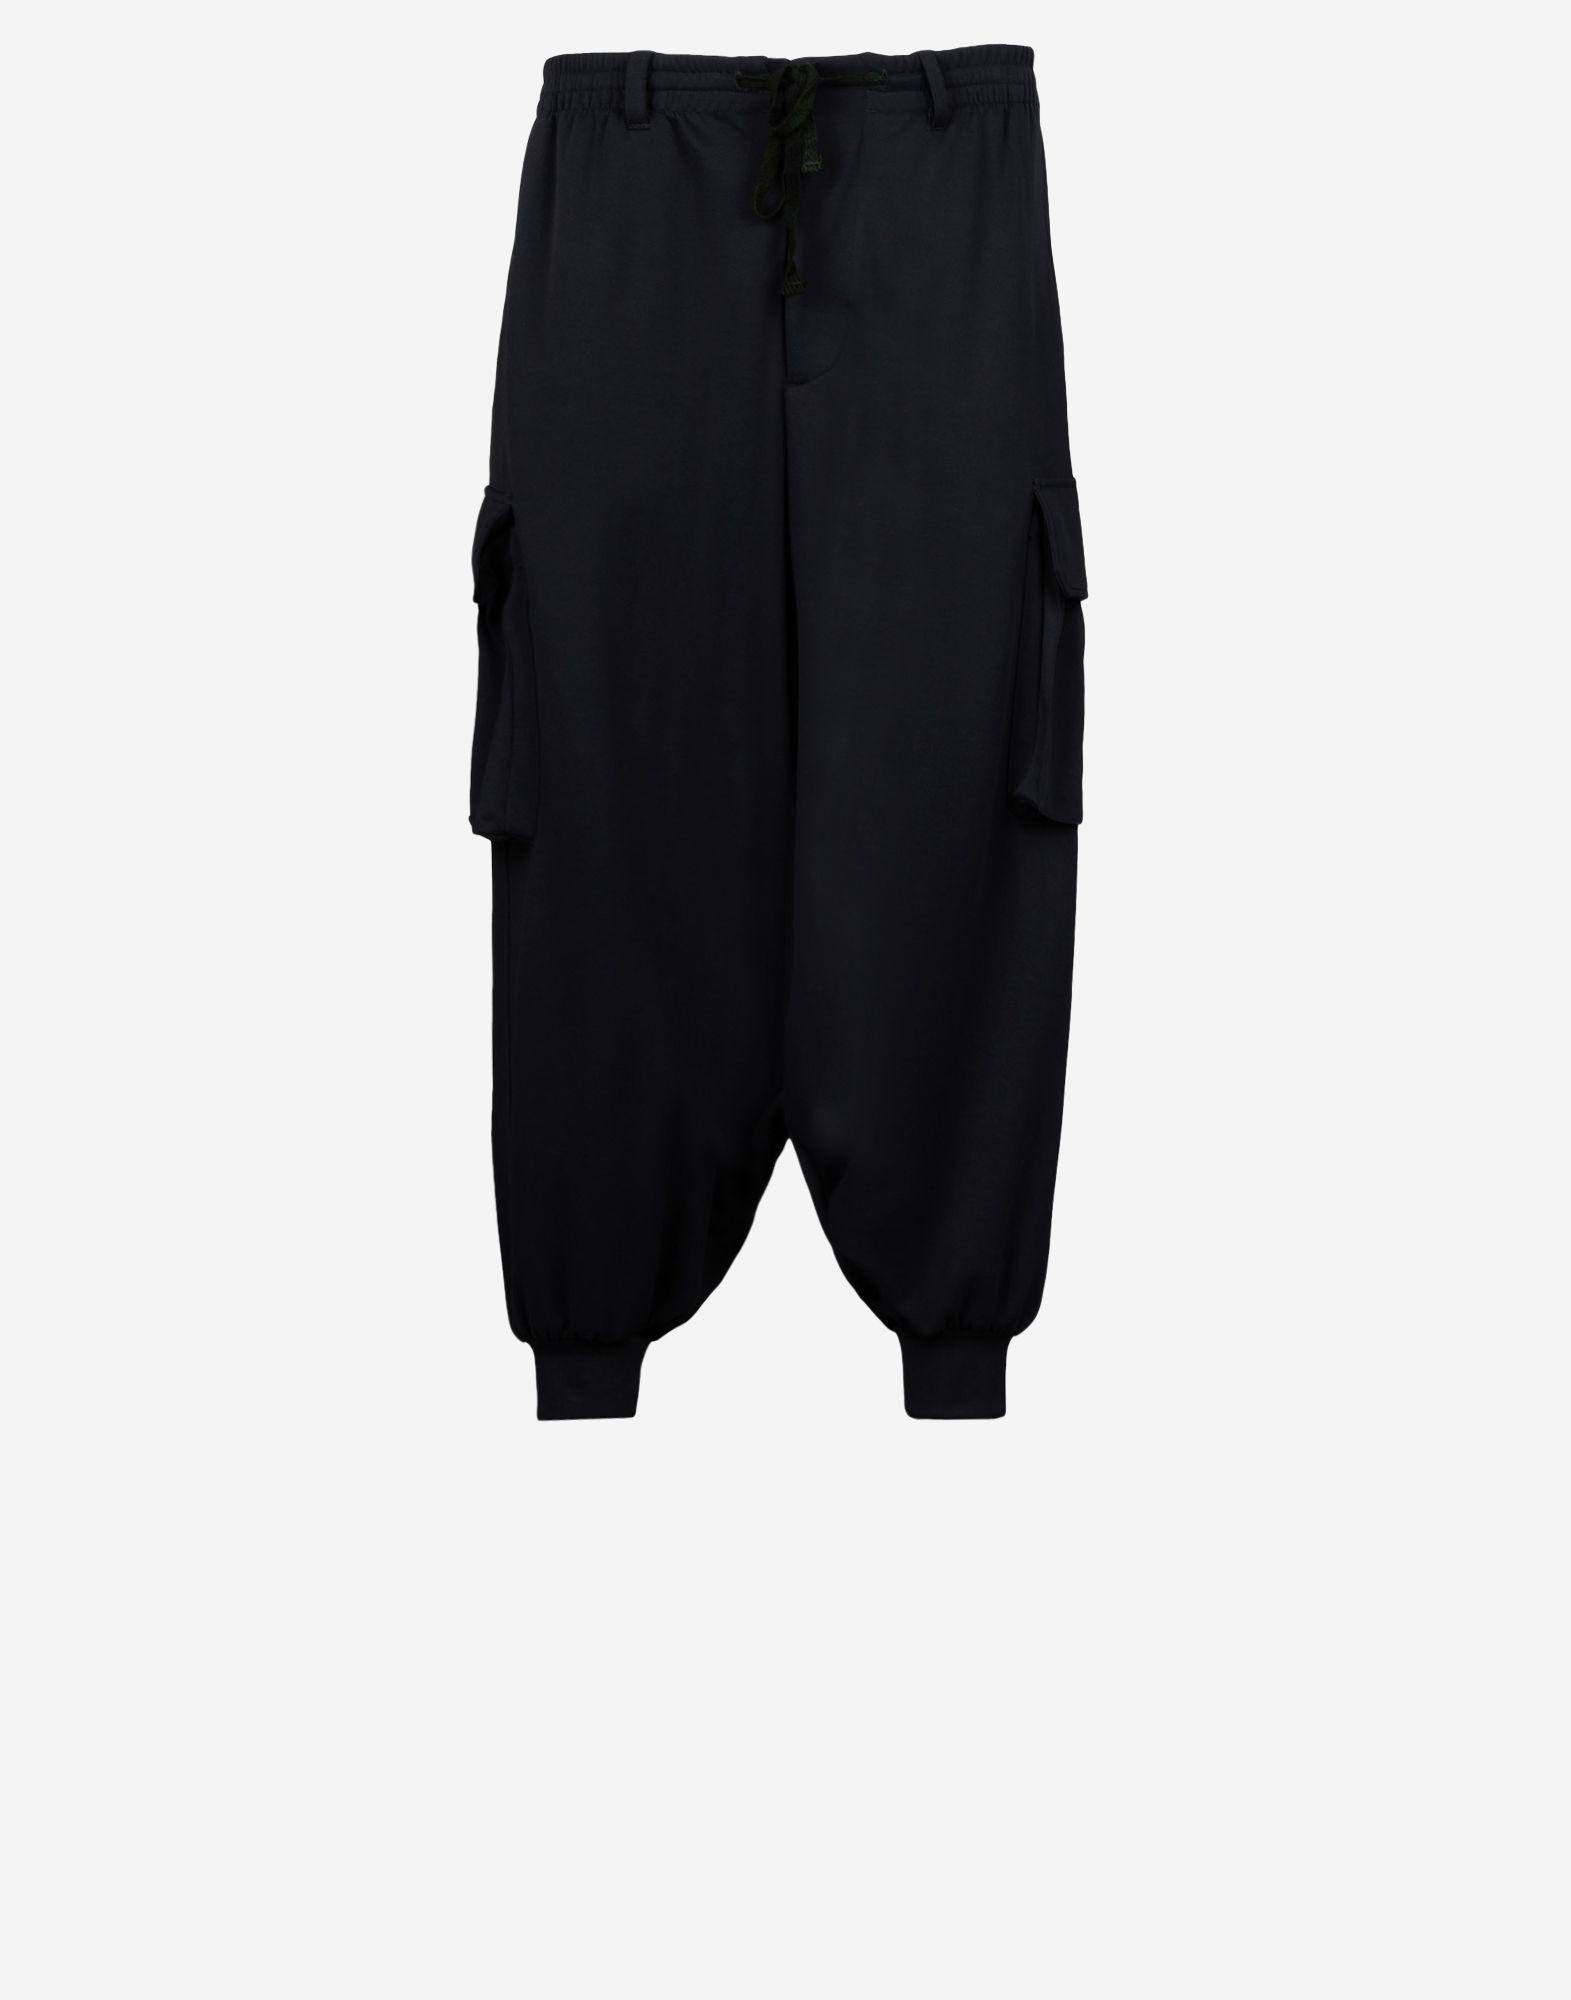 Y,3 Sarouel Pants PANTALONS homme Y,3 adidas